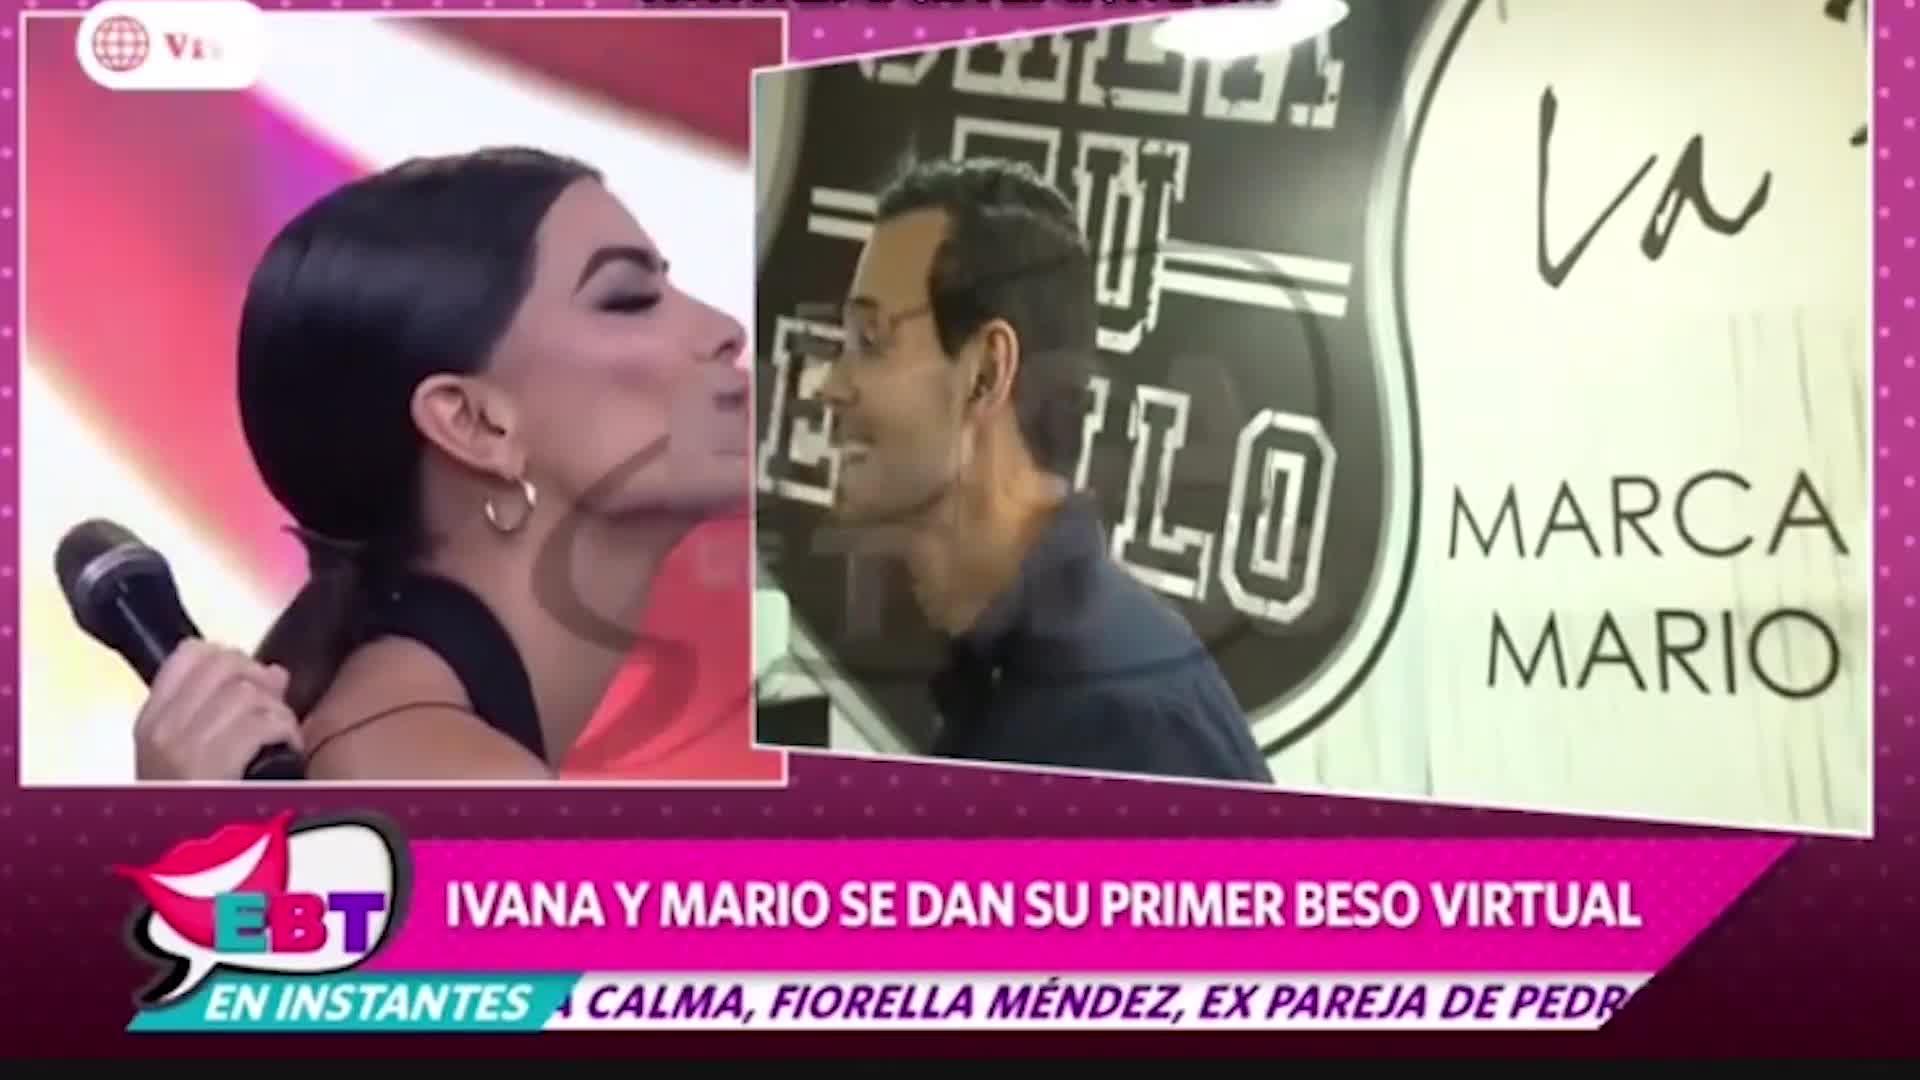 Ivana Yturbe y Mario Irivarren confirmaron su reconciliación con romántico beso